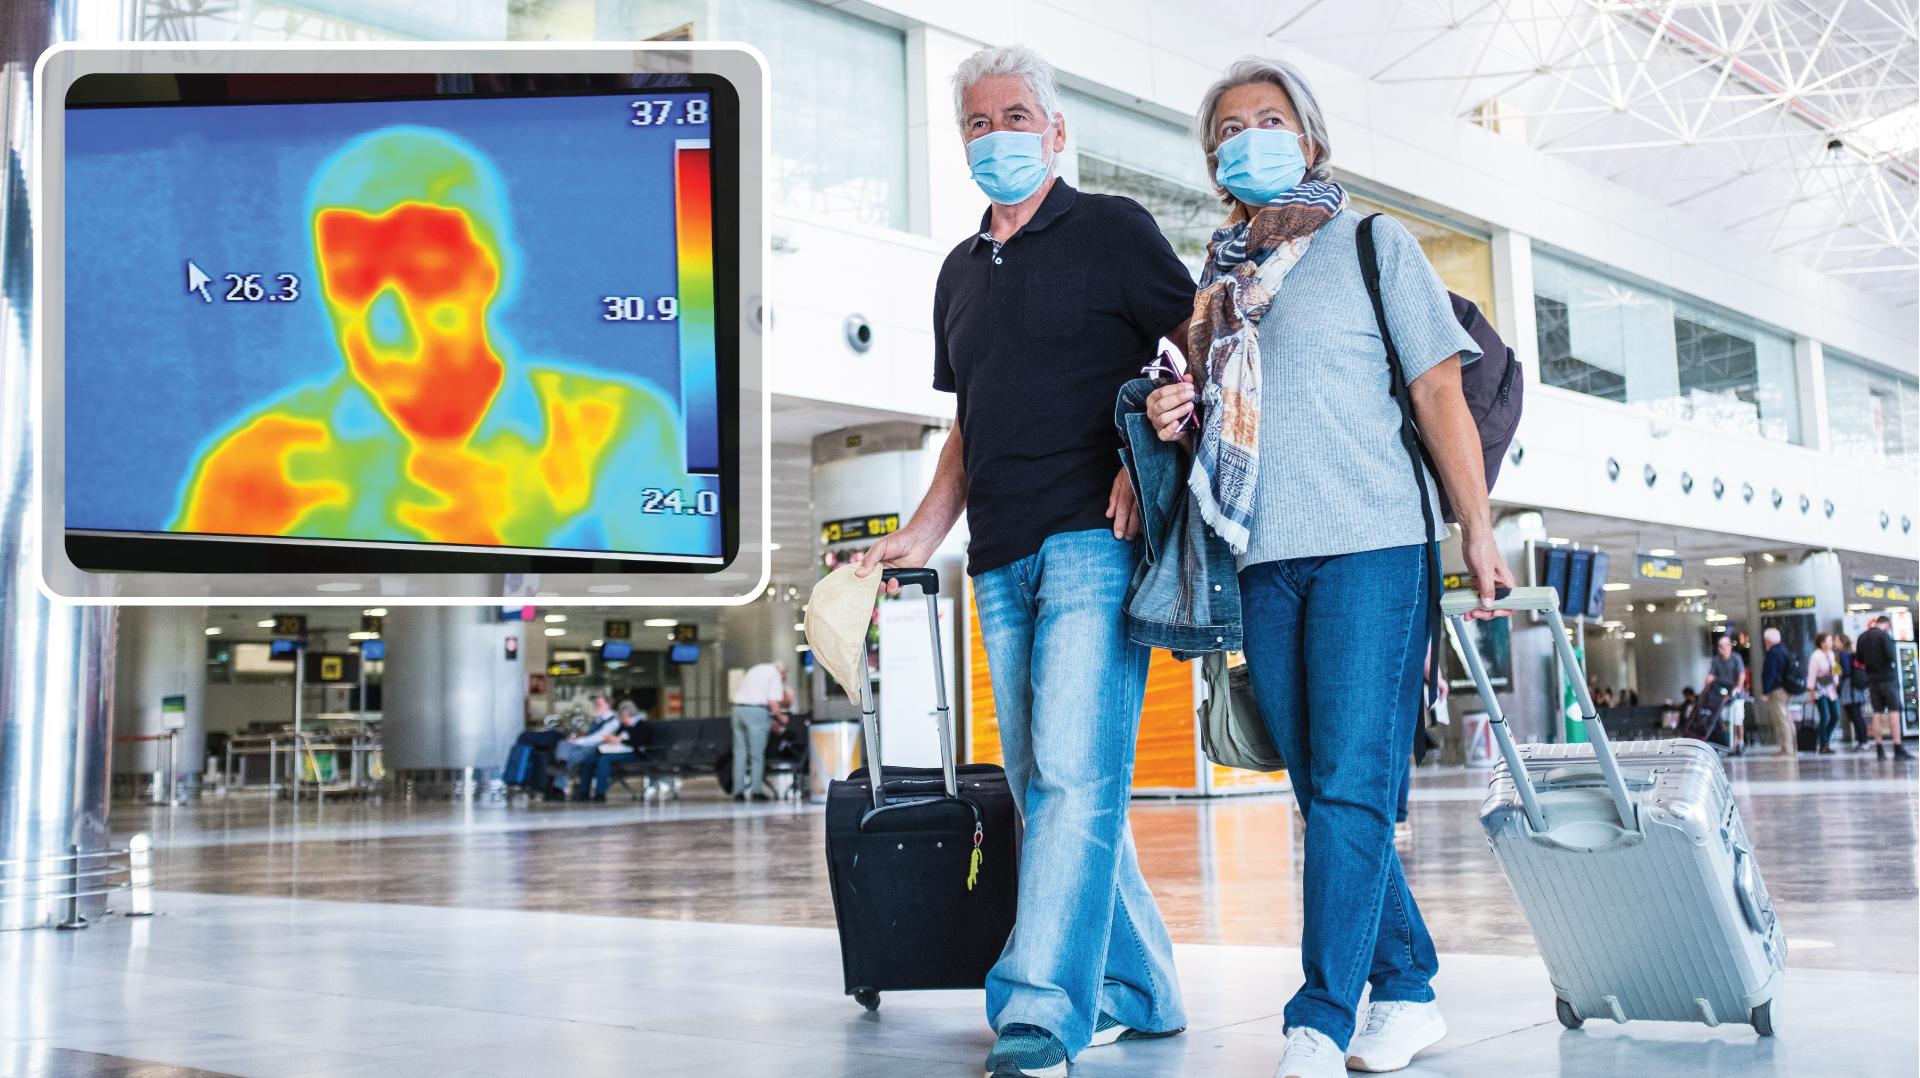 Körpertemperatur Messung durch Thermal- und Wärmebildkameras - Corona